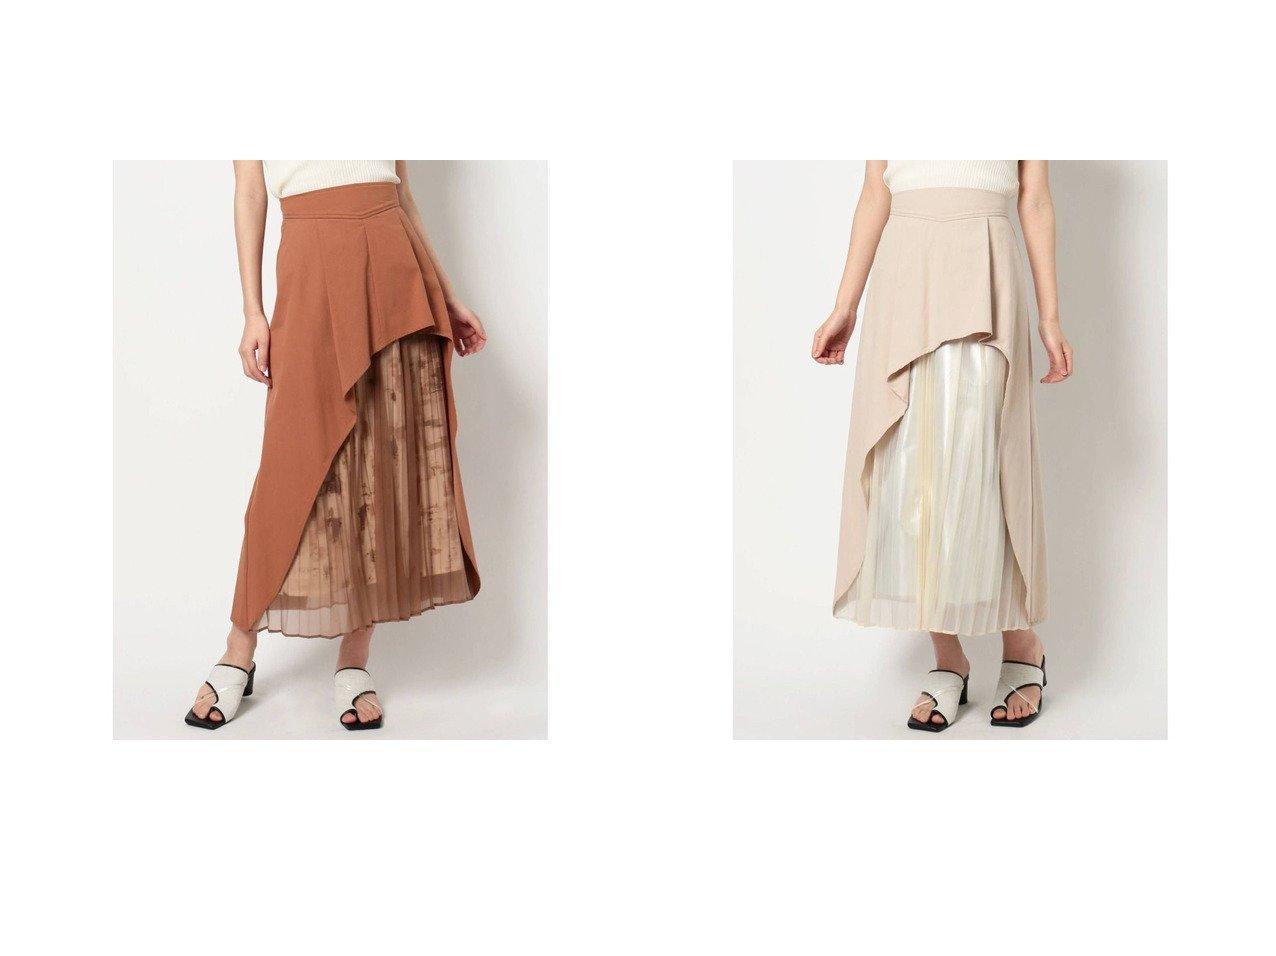 【MURUA/ムルーア】のMURUA アシンメトリープリーツスカート おすすめ!人気トレンド・レディースファッション通販 おすすめで人気の流行・トレンド、ファッションの通販商品 インテリア・家具・メンズファッション・キッズファッション・レディースファッション・服の通販 founy(ファニー) https://founy.com/ ファッション Fashion レディースファッション WOMEN スカート Skirt プリーツスカート Pleated Skirts 2021年 2021 2021春夏・S/S SS/Spring/Summer/2021 S/S・春夏 SS・Spring/Summer おすすめ Recommend 夏 Summer 春 Spring |ID:crp329100000054552